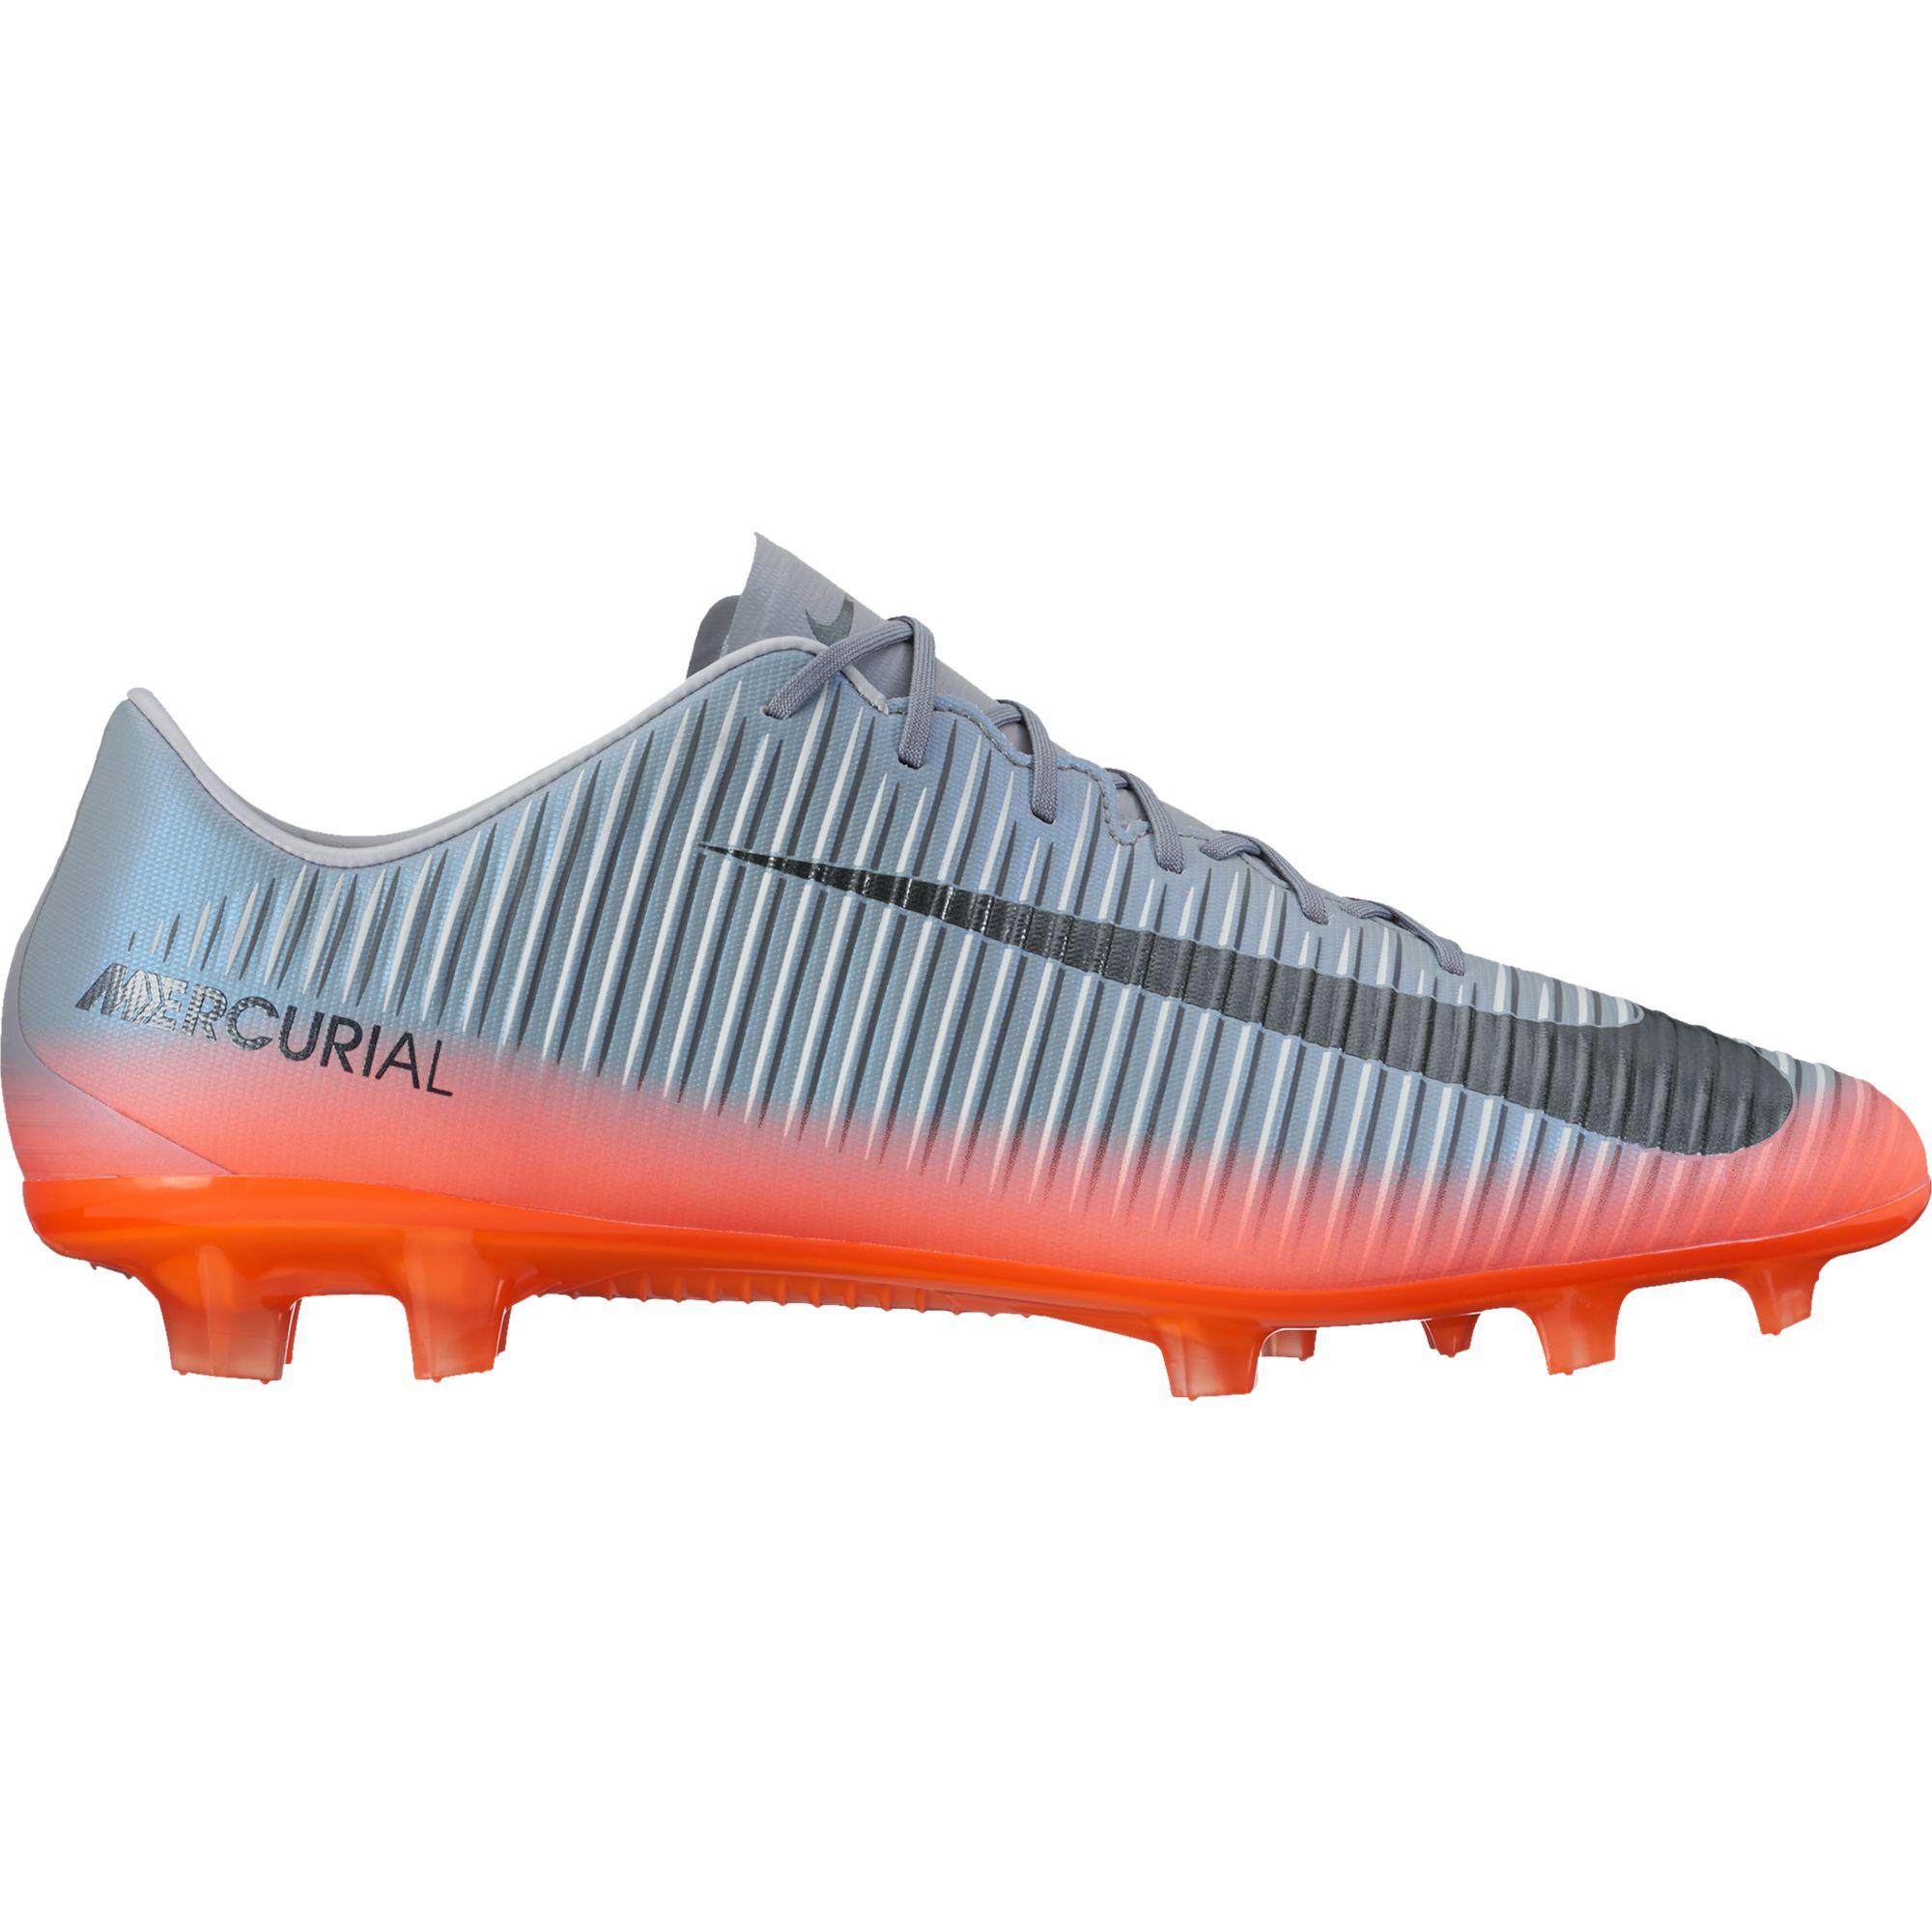 Chaussure de football à crampons pour terrain sec Nike Mercurial Veloce III CR7 (FG) pour Homme | EKINSPORT